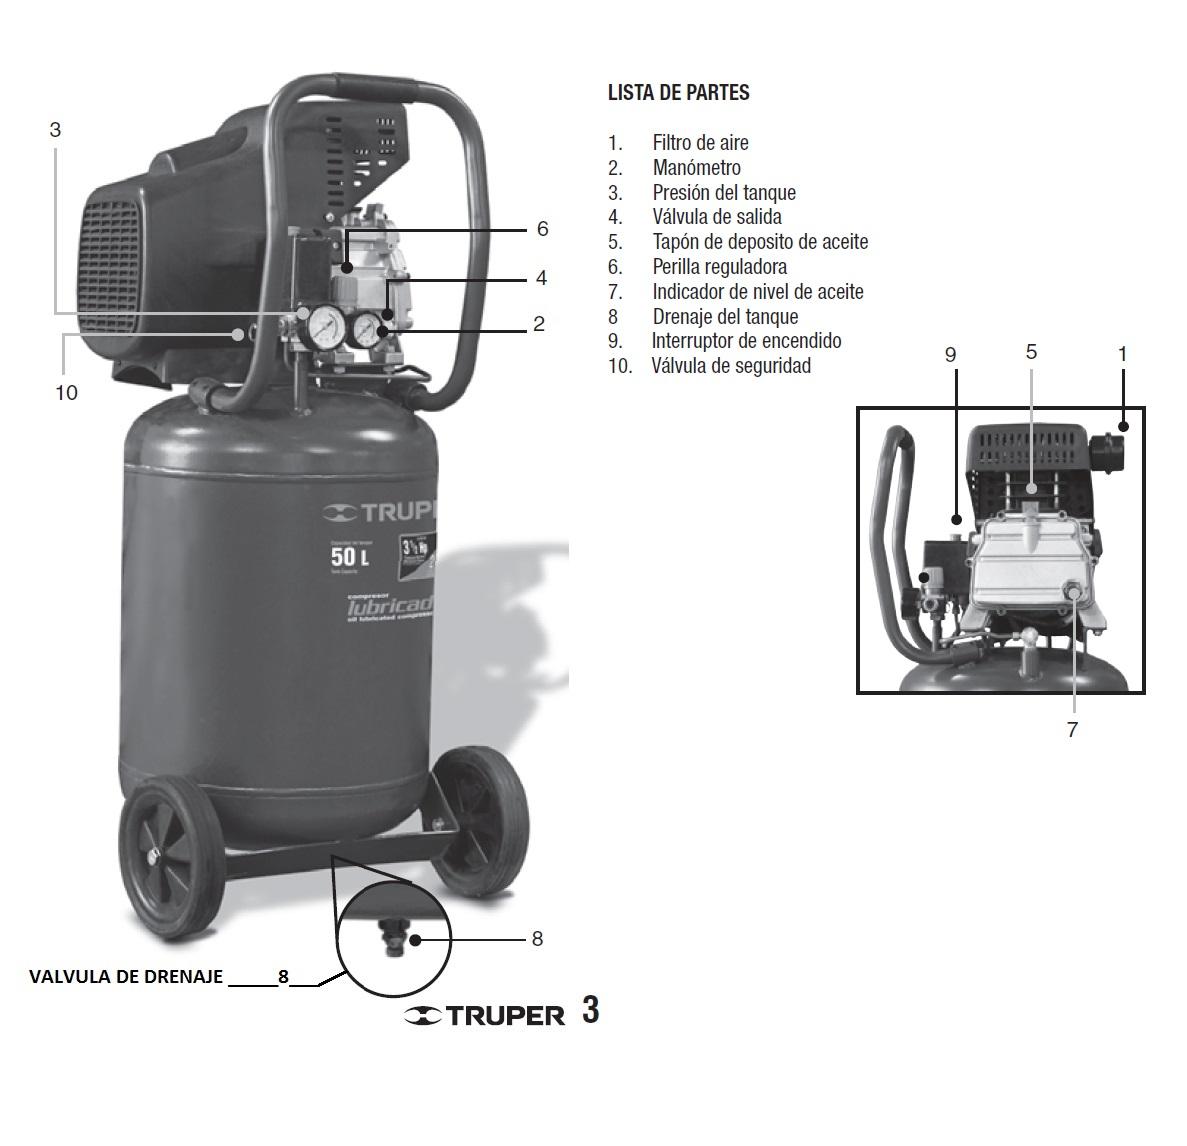 Compresor truper de 50 litro compresores yoreparo - Compresor de aire 25 litros ...